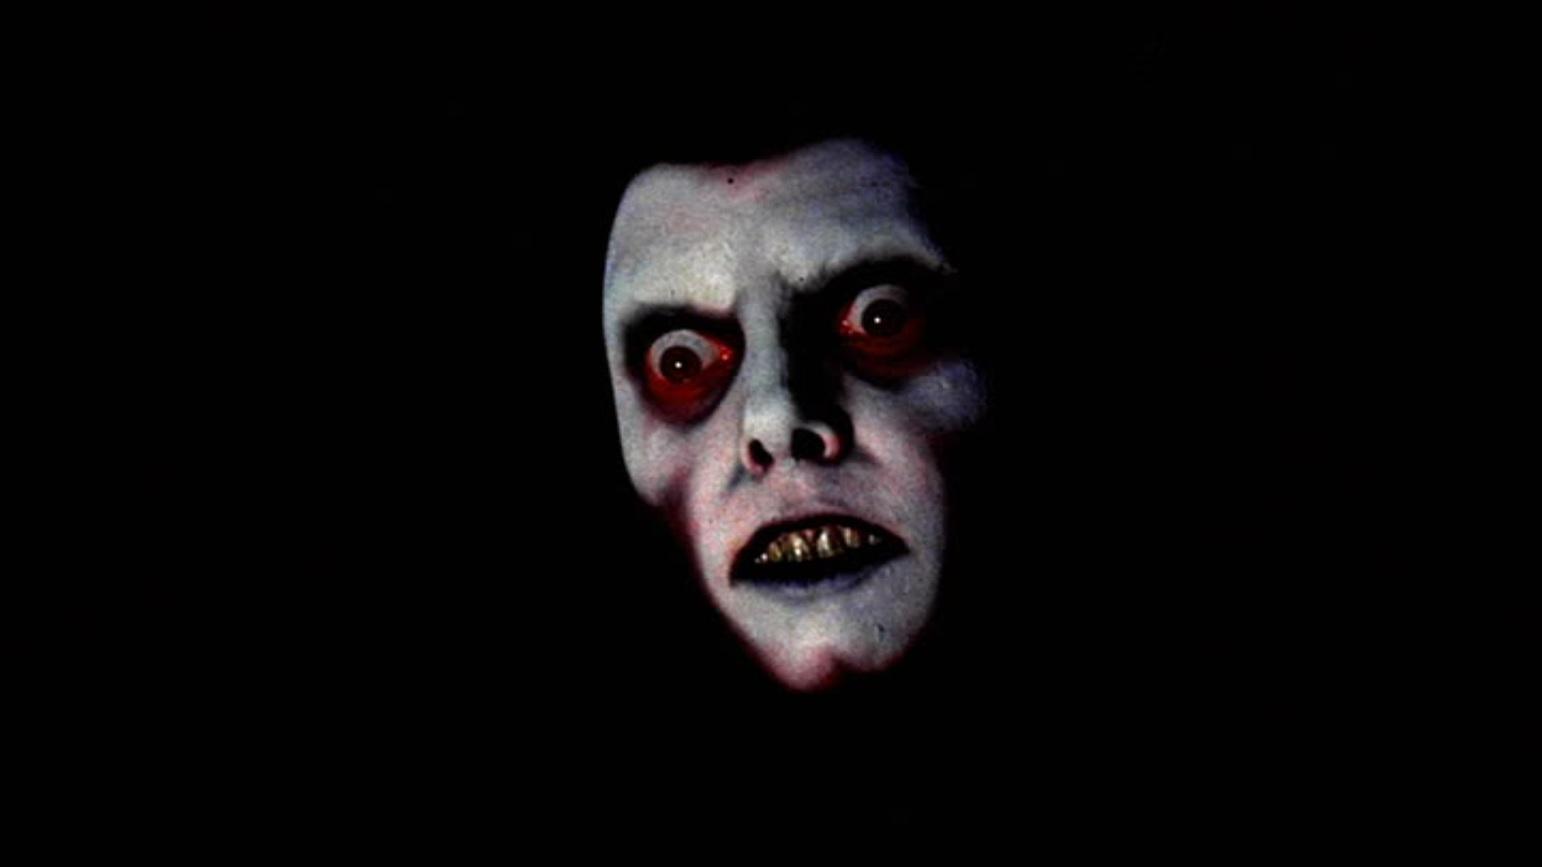 Os Filmes Mais Assustadores do Cinema - Cinema de Buteco